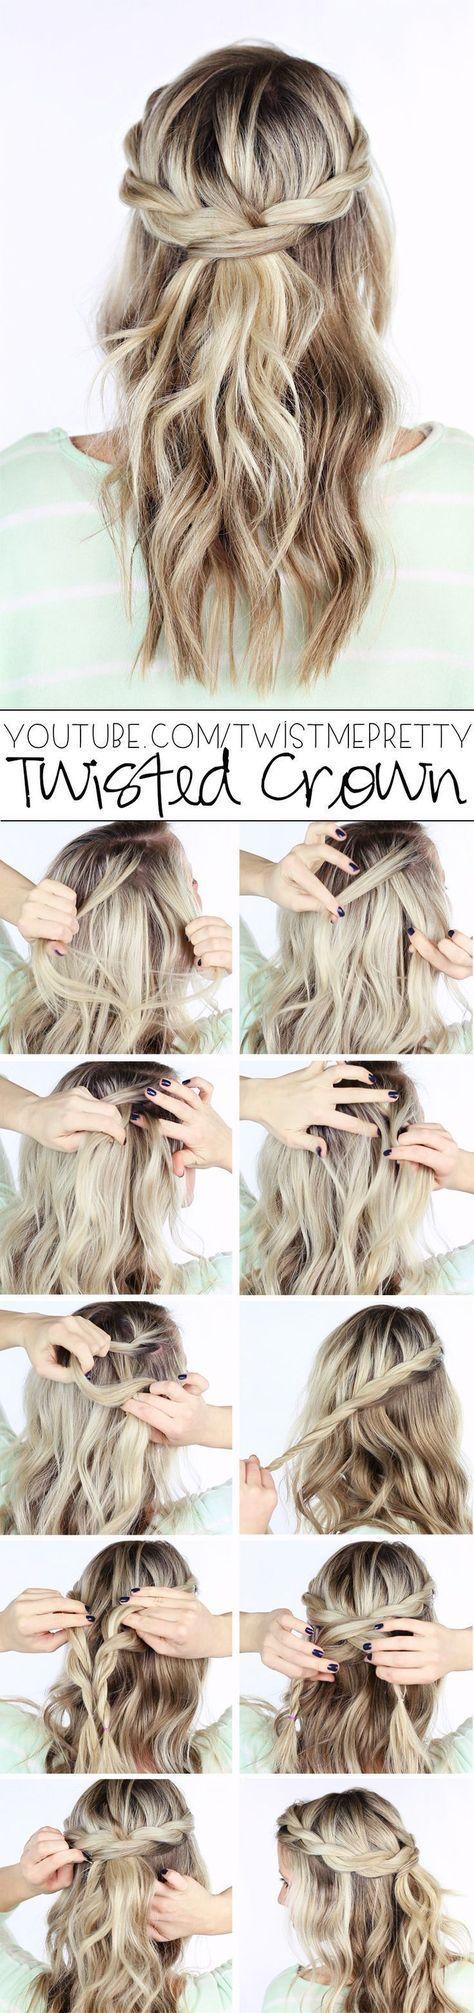 Best Hair Half Up Half Down Wedding Tutorial Ideas